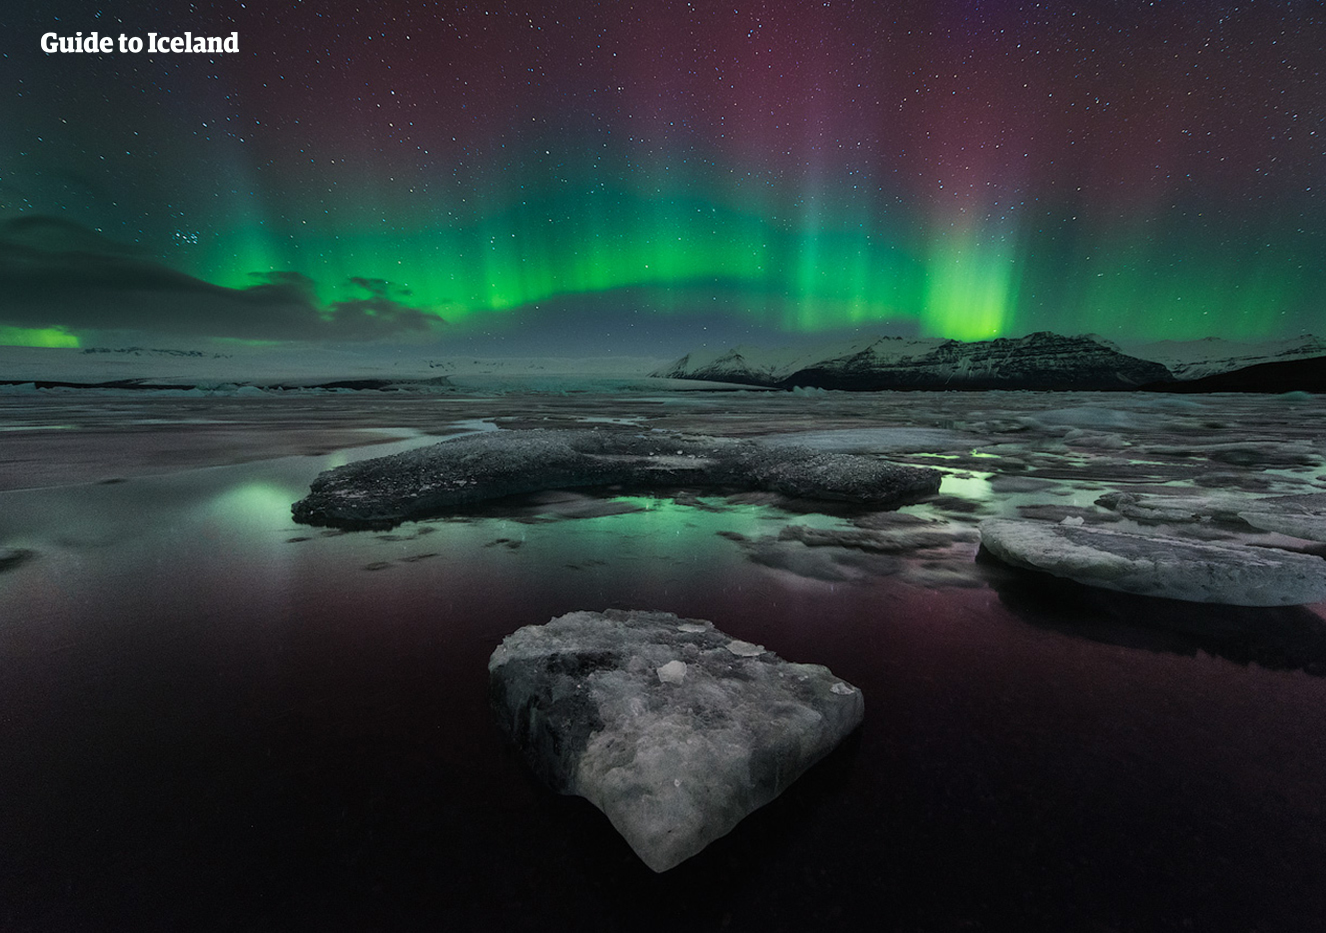 绿色、粉色与紫色交织的北极光在杰古沙龙冰河湖上方舞动